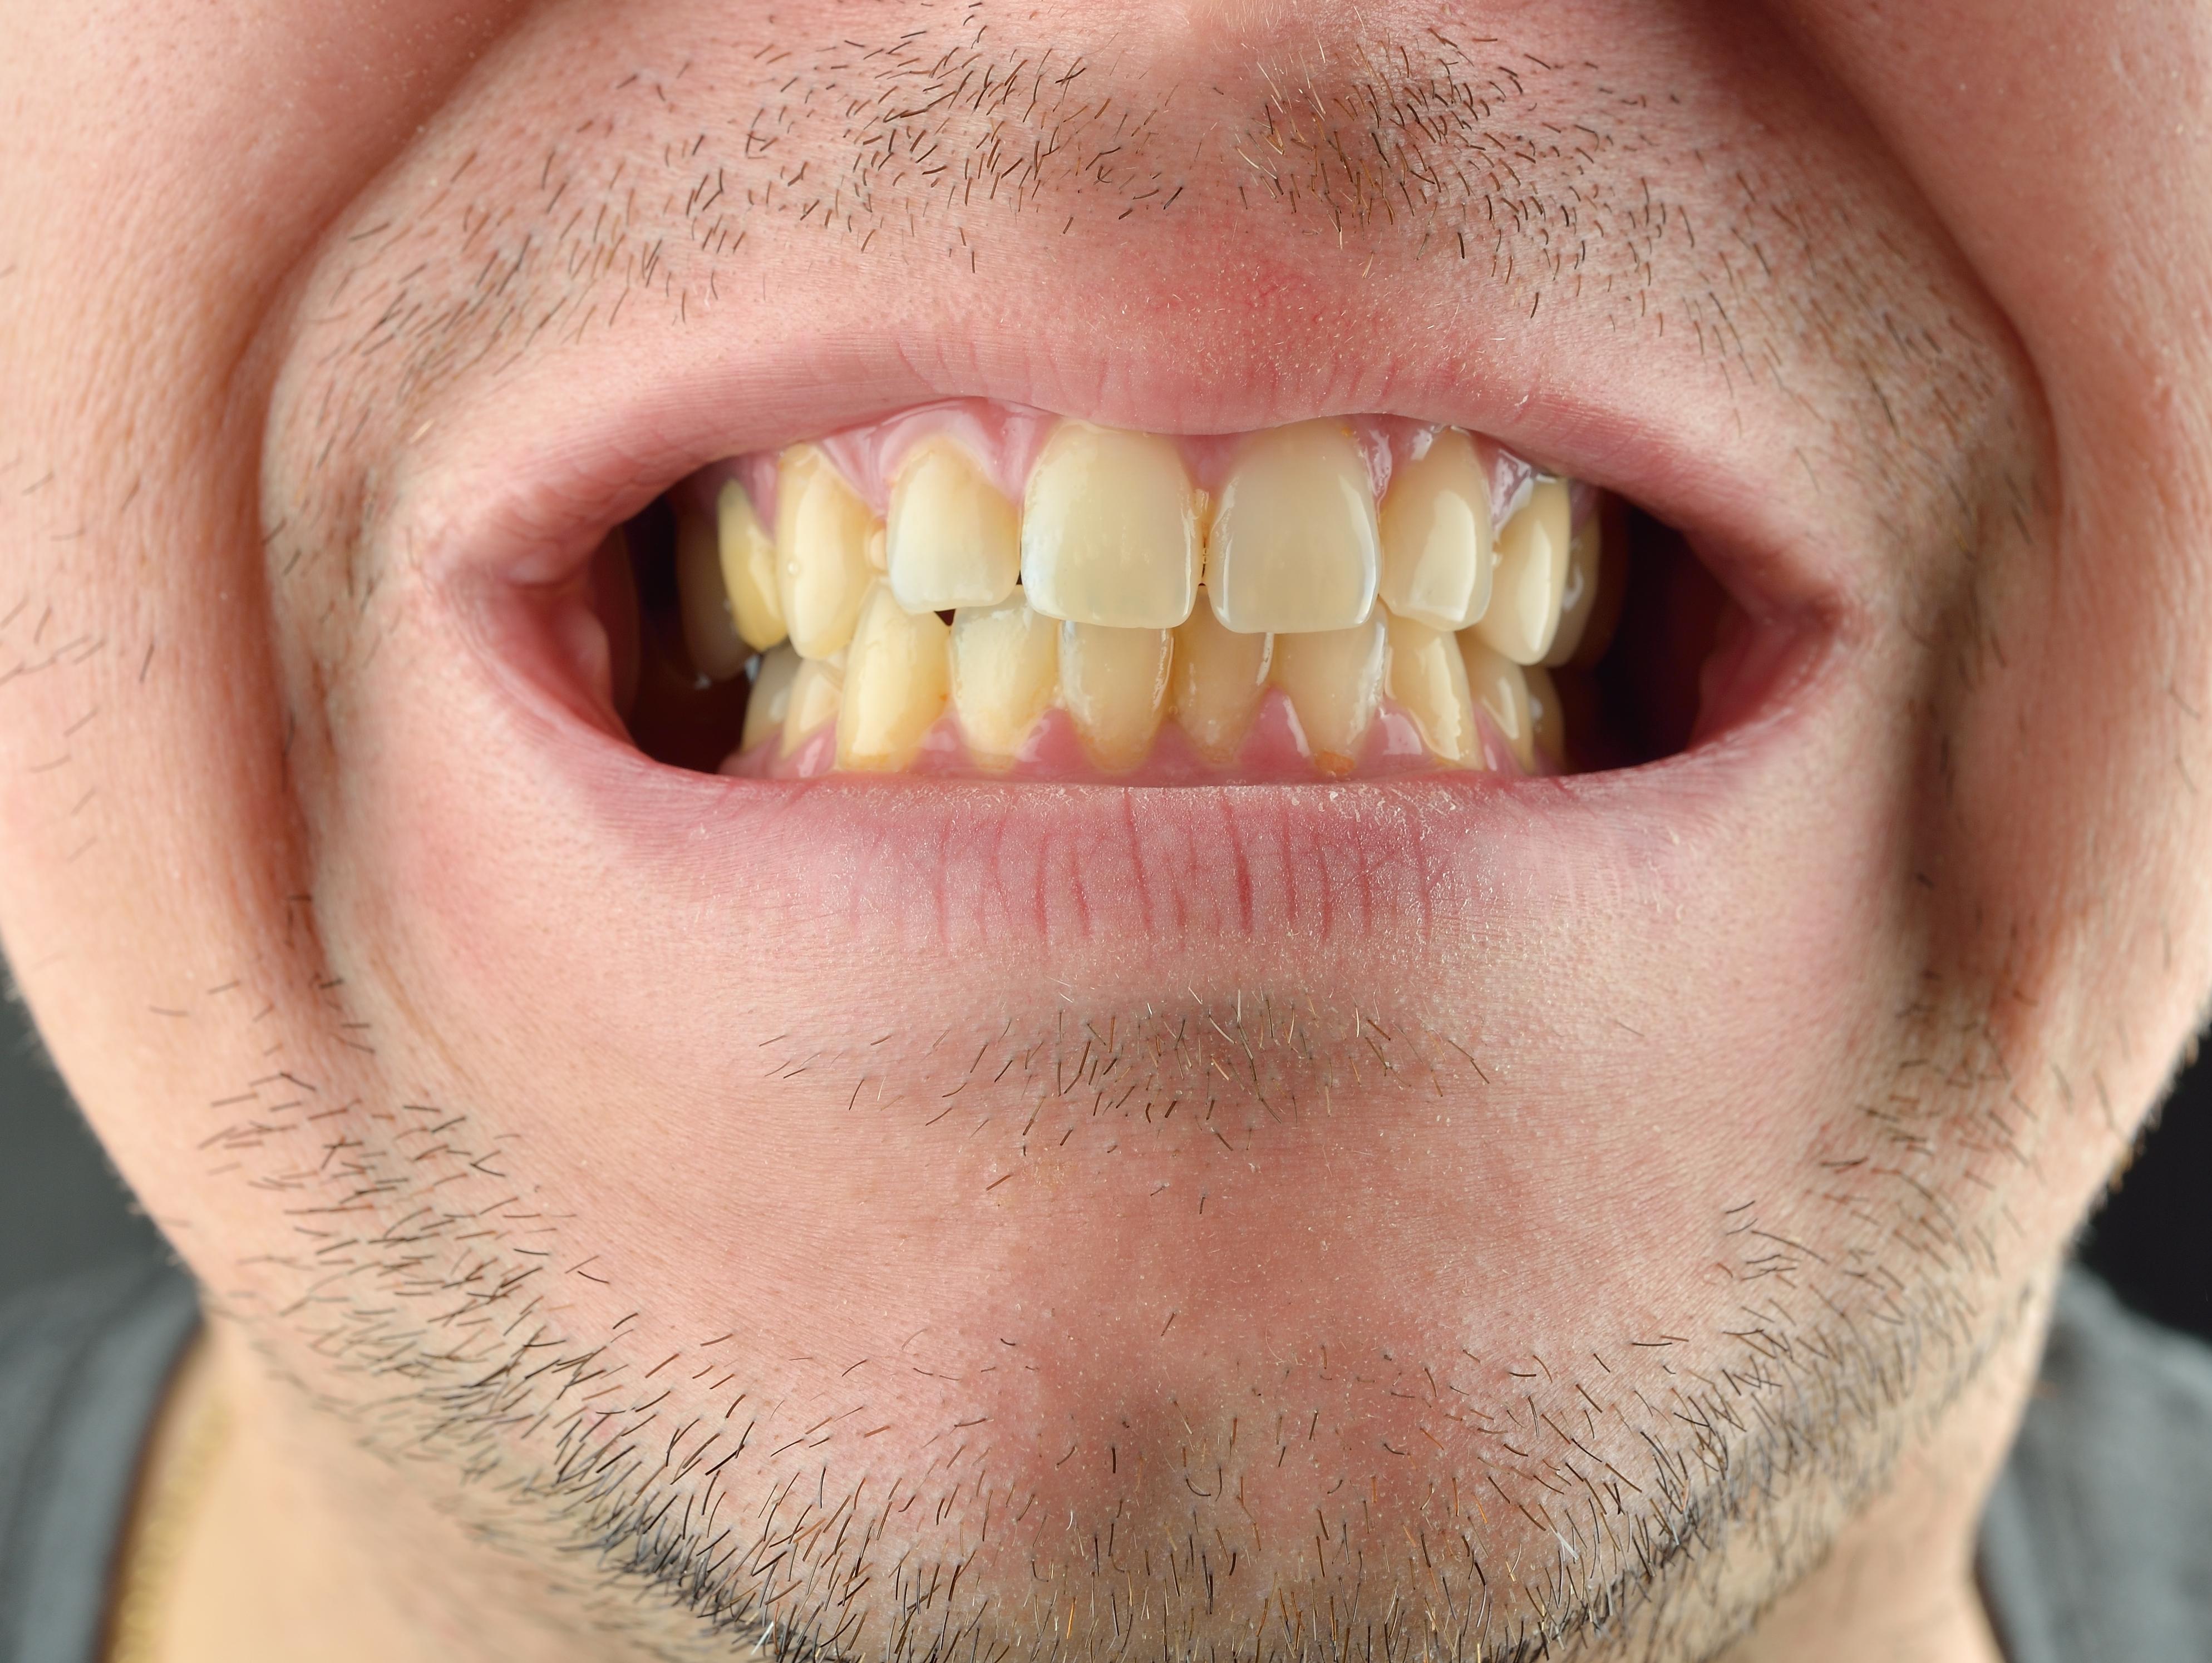 הפירות האלה ממש טובים לשיניים ולבריאות הפה שלכם